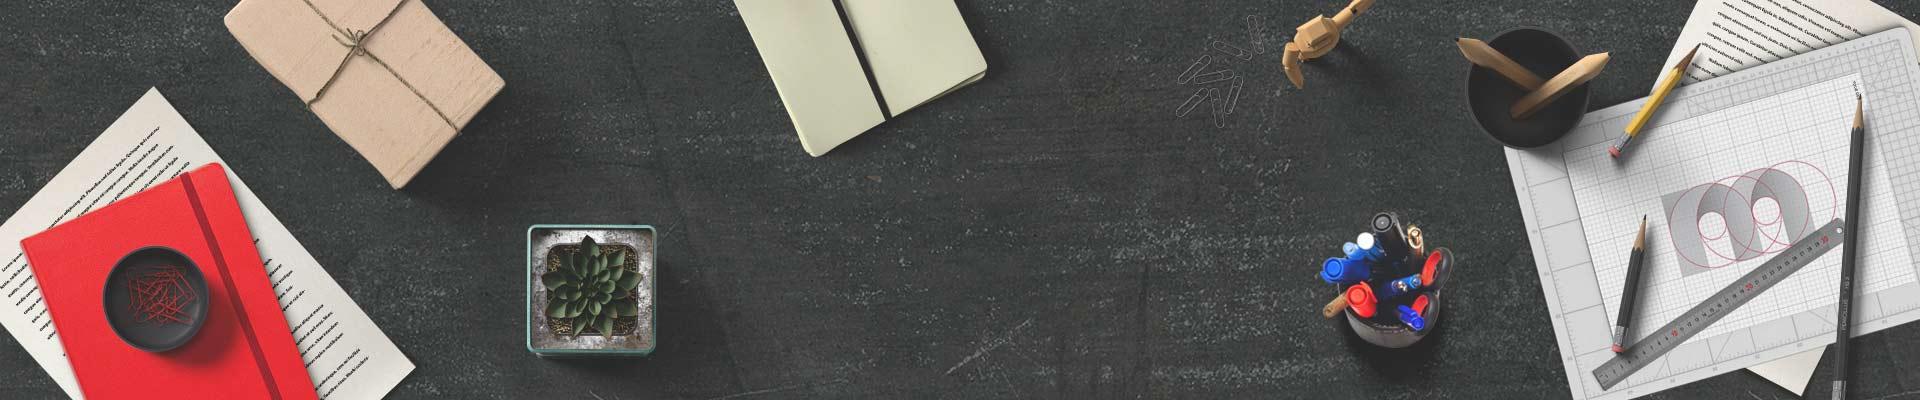 Stationery-1920x400px-1-1920x400.jpg